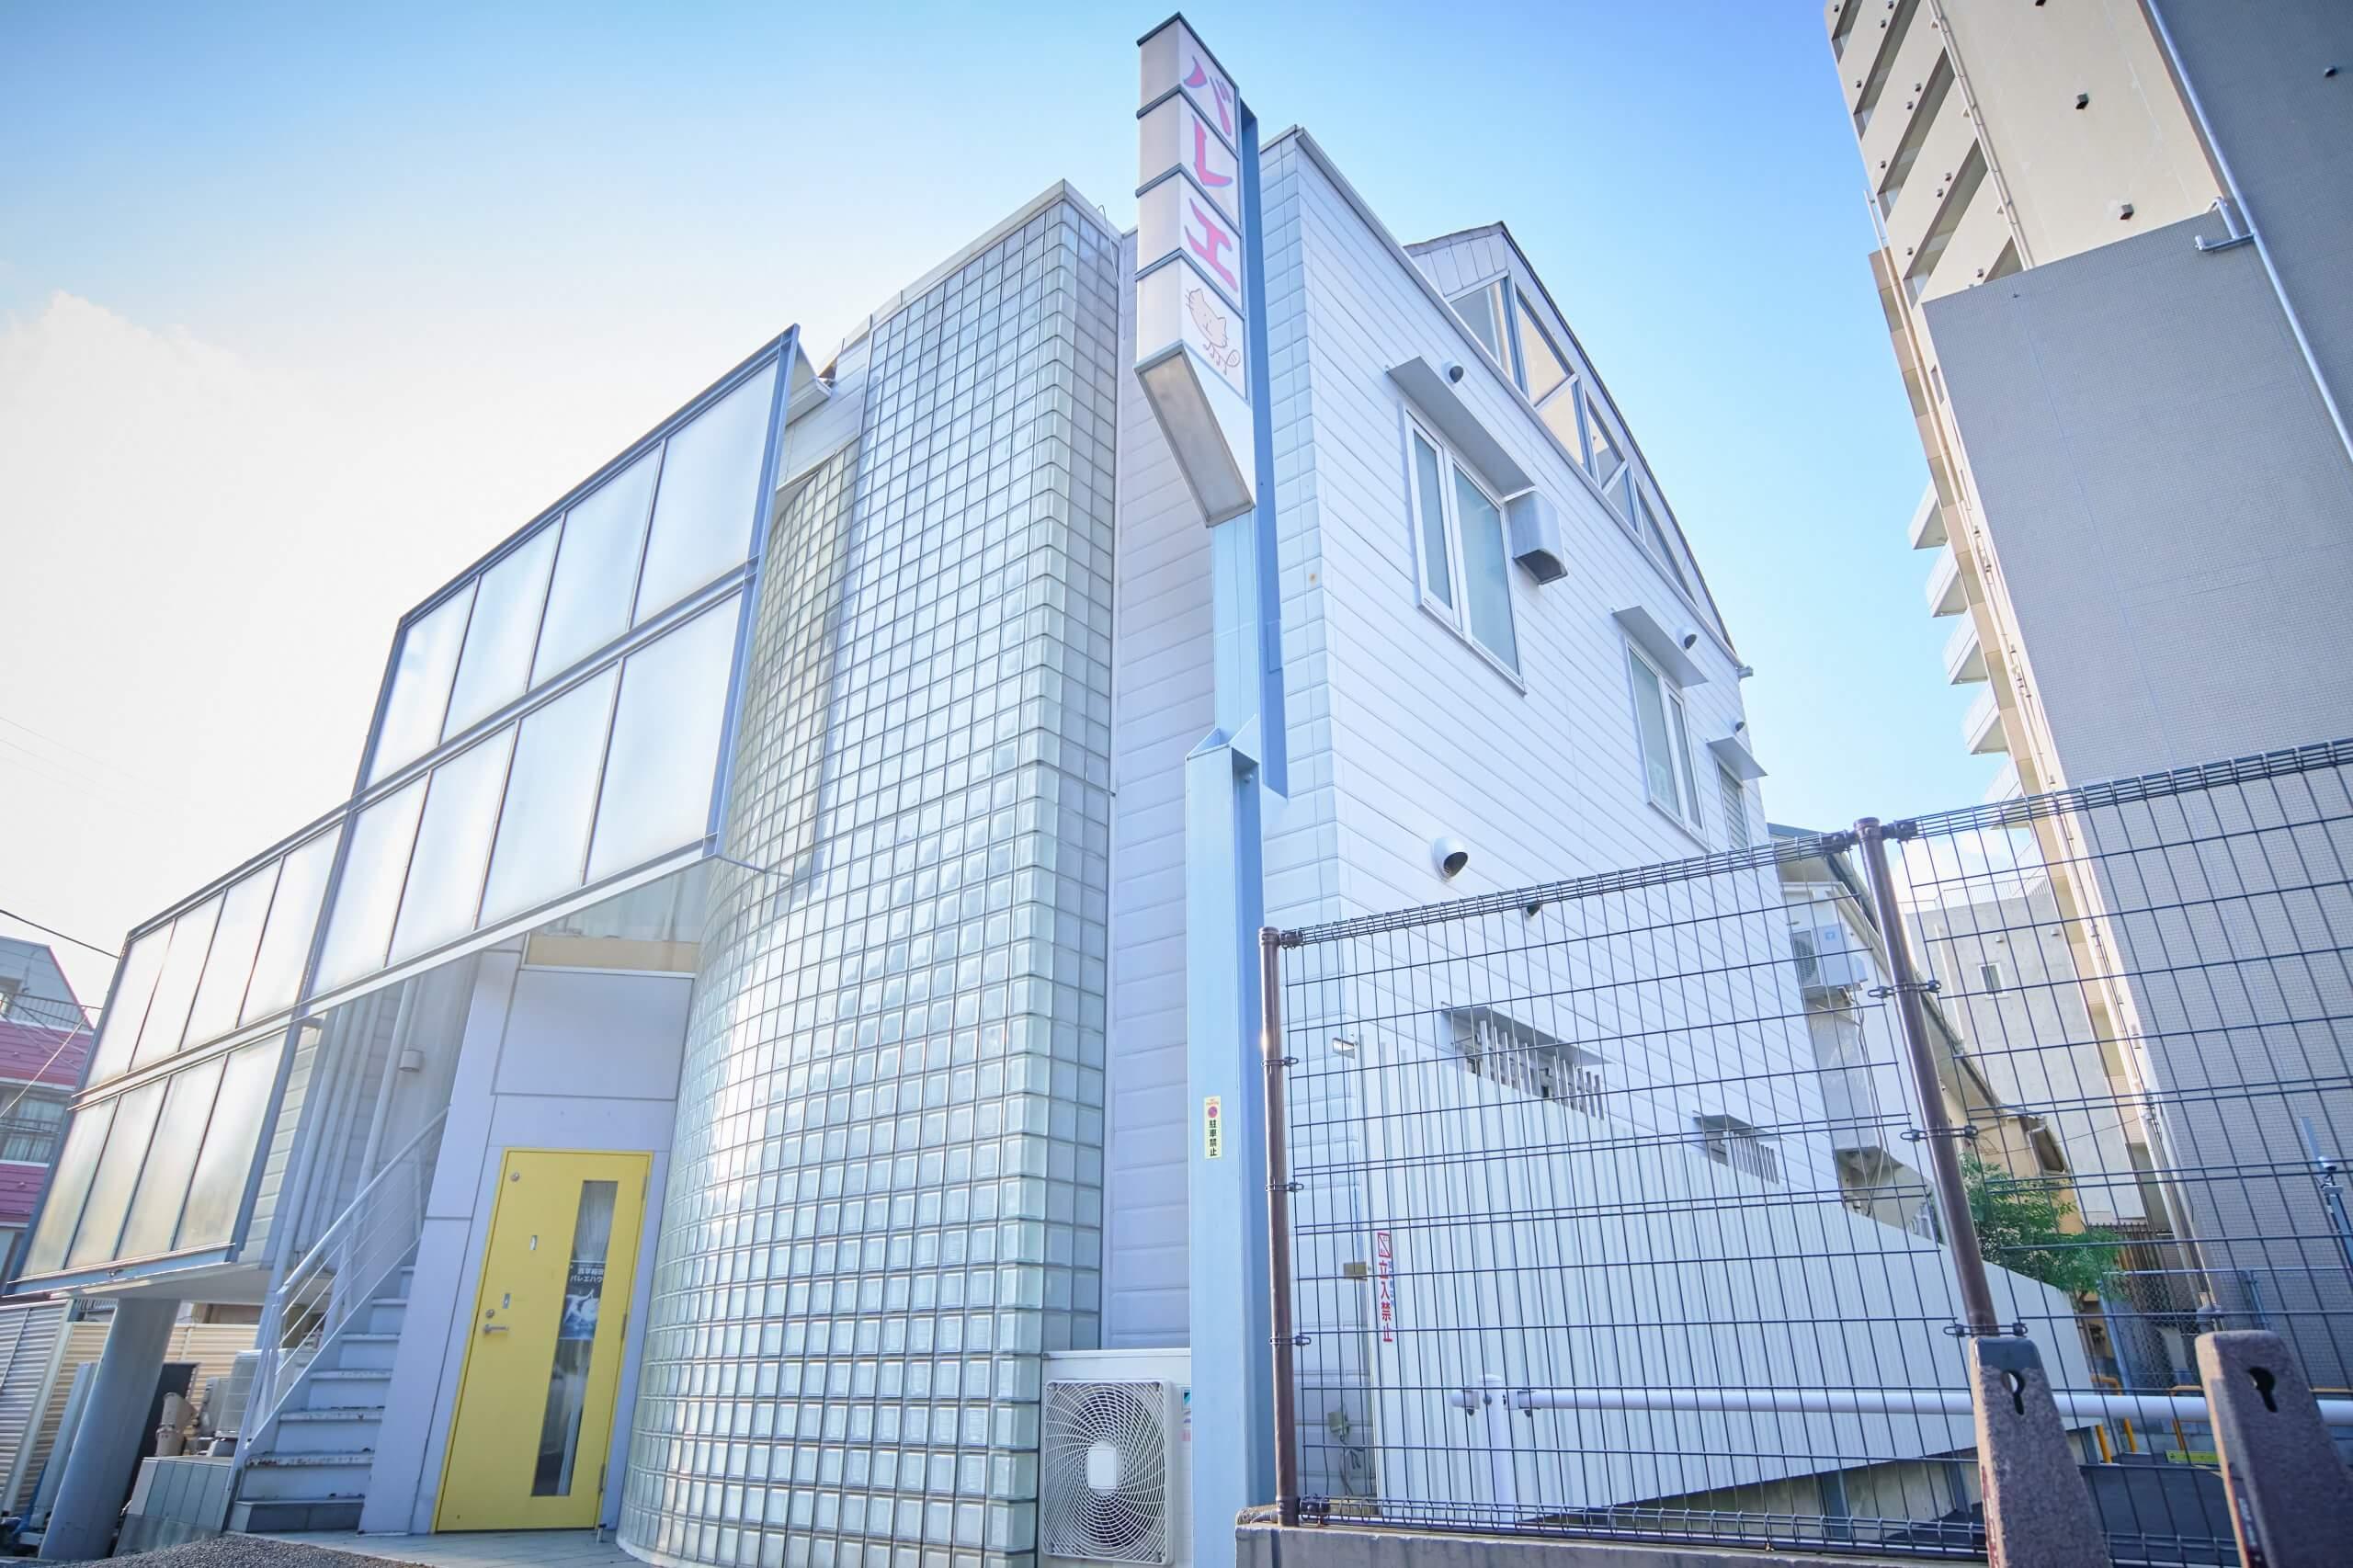 新宿区の高田馬場にあるスタジオは綺麗な外観で、高田馬場・早稲田方面や、新宿・池袋方面からもアクセスが良い